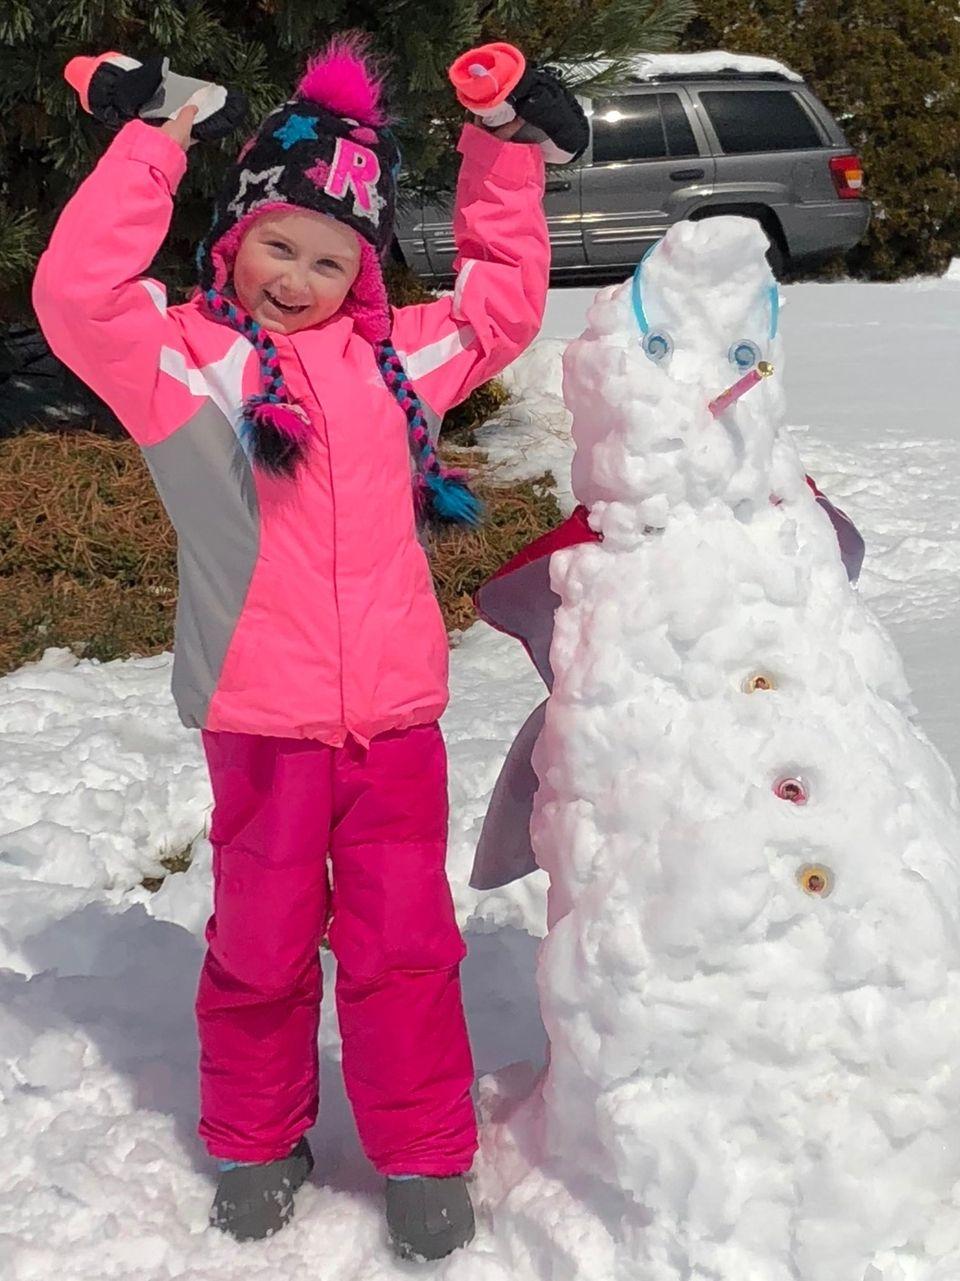 Reilly Fletcher, 5 - Building a snowman on